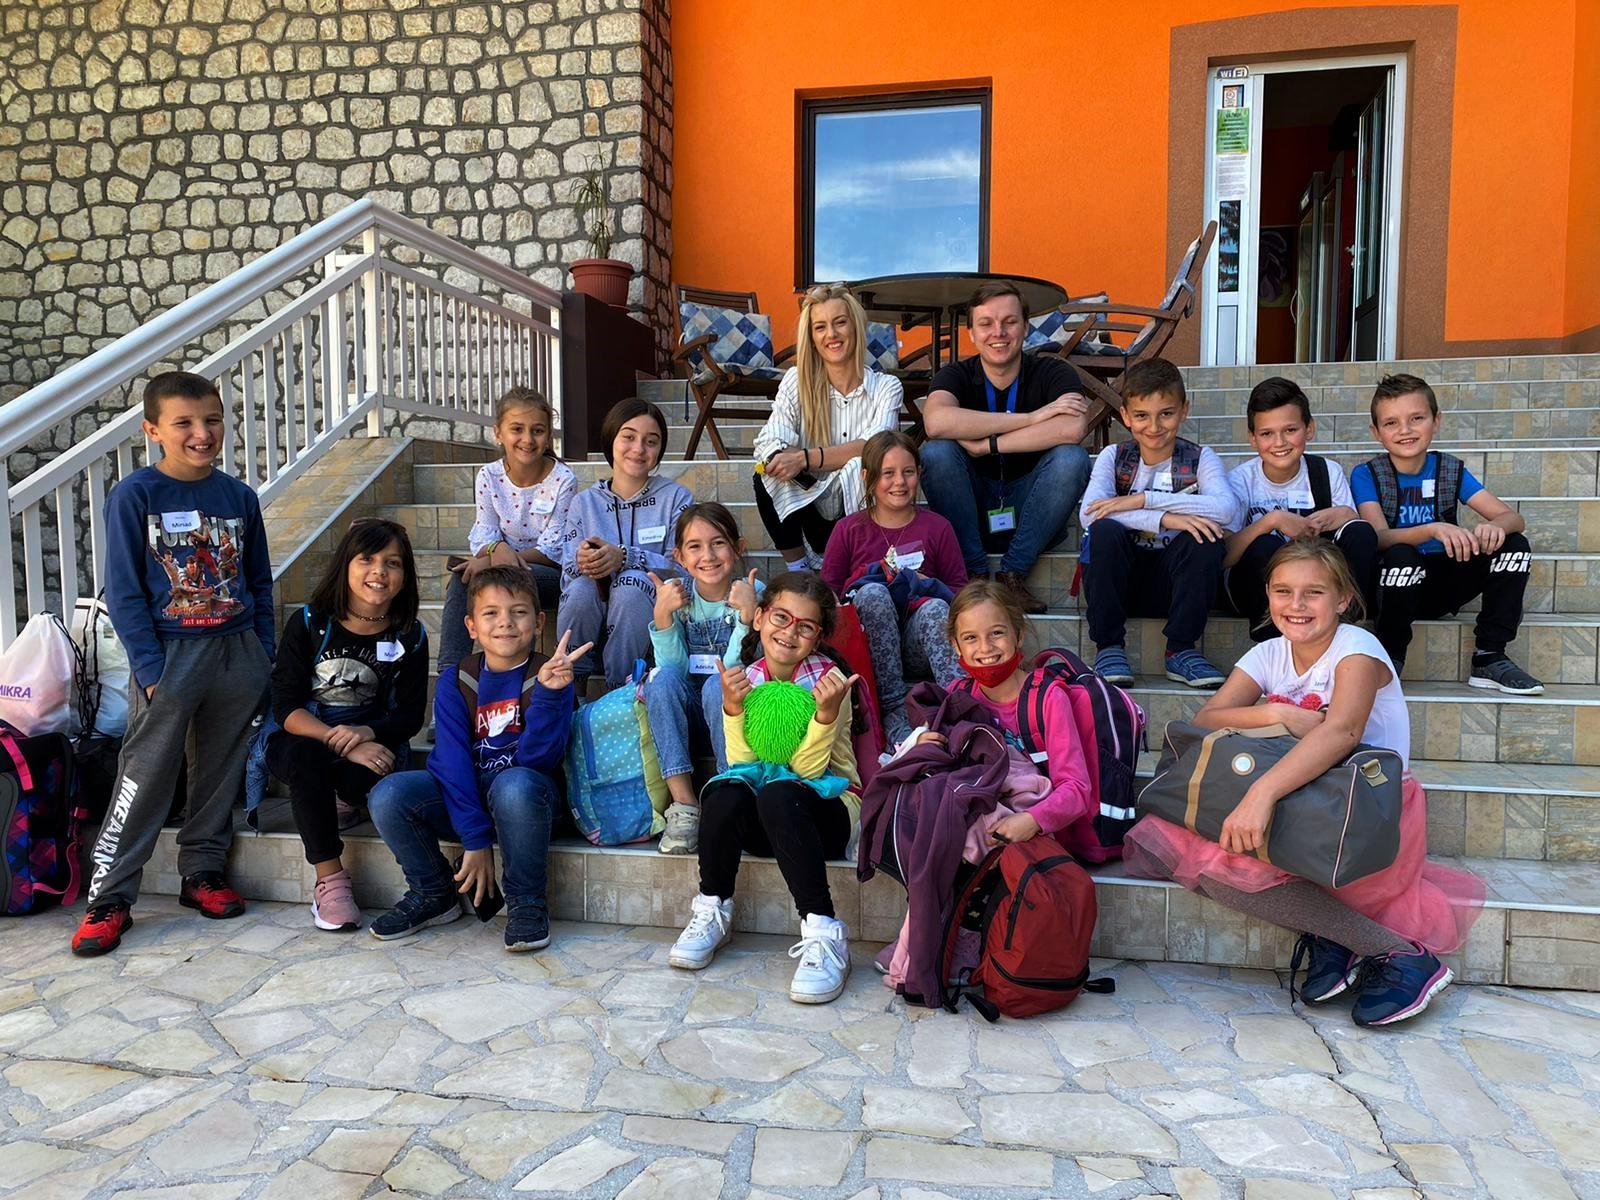 De eerste dag met de kinderen in Toplice